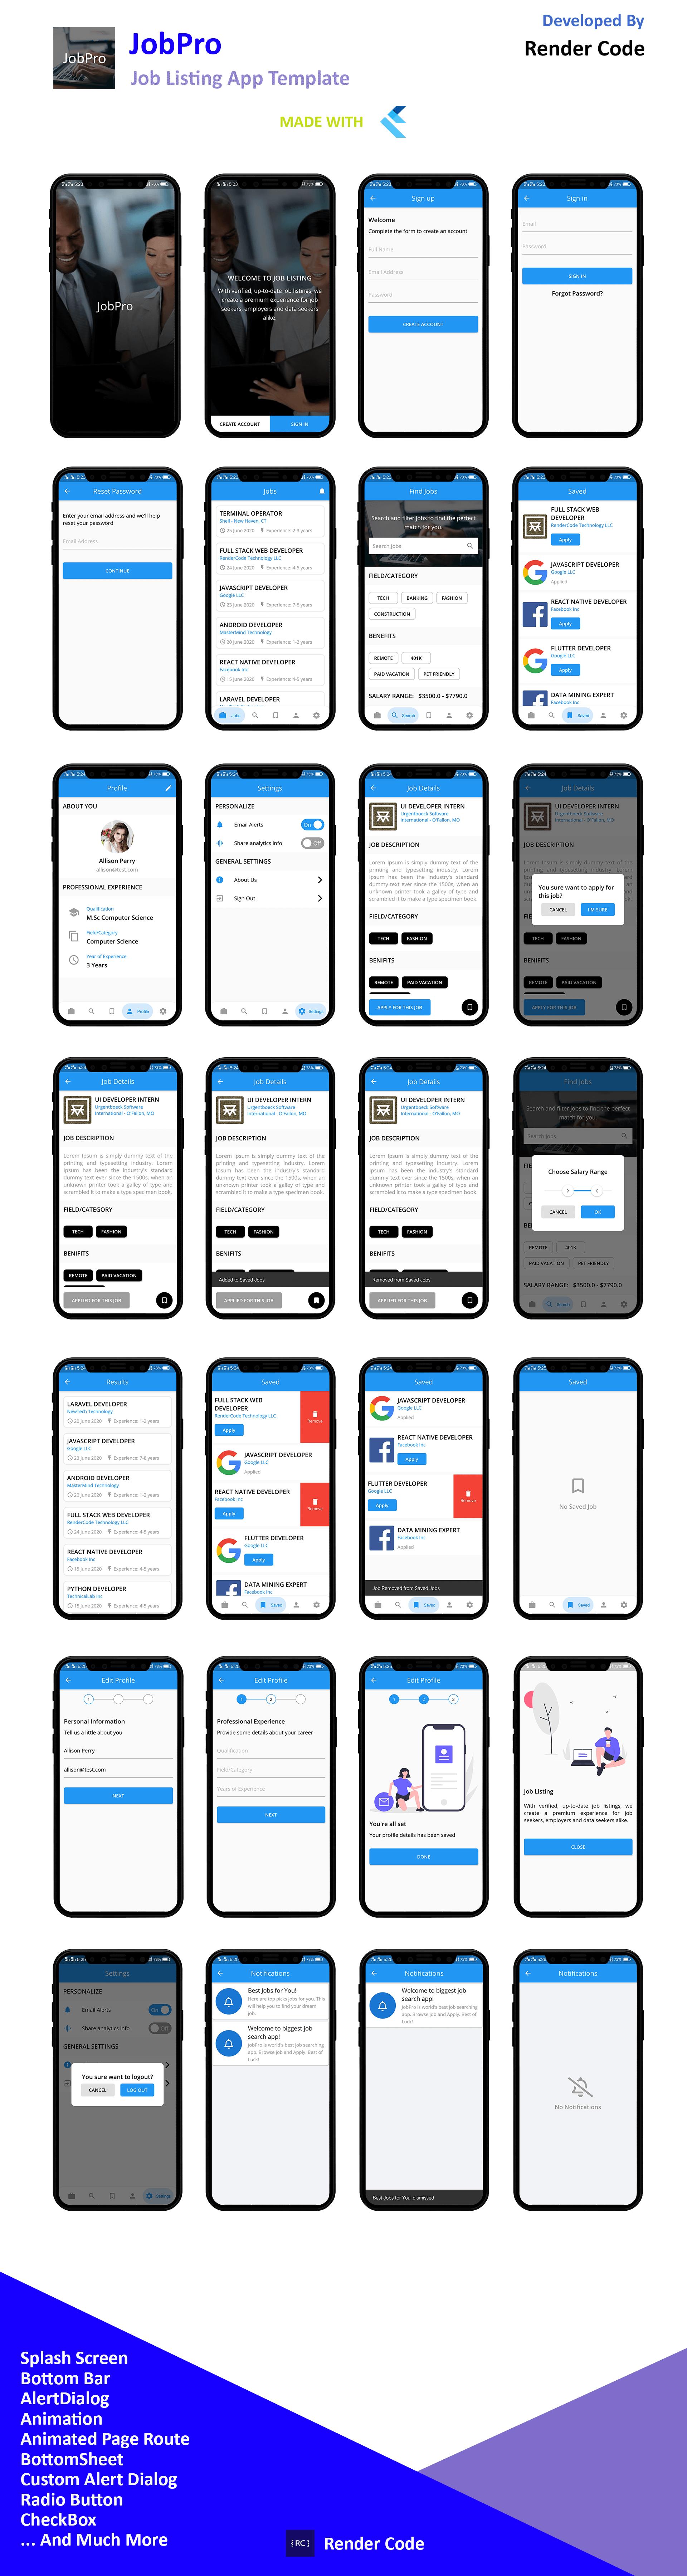 StunningKit - Biggest Flutter App Template Kit (15 App Template) - 18